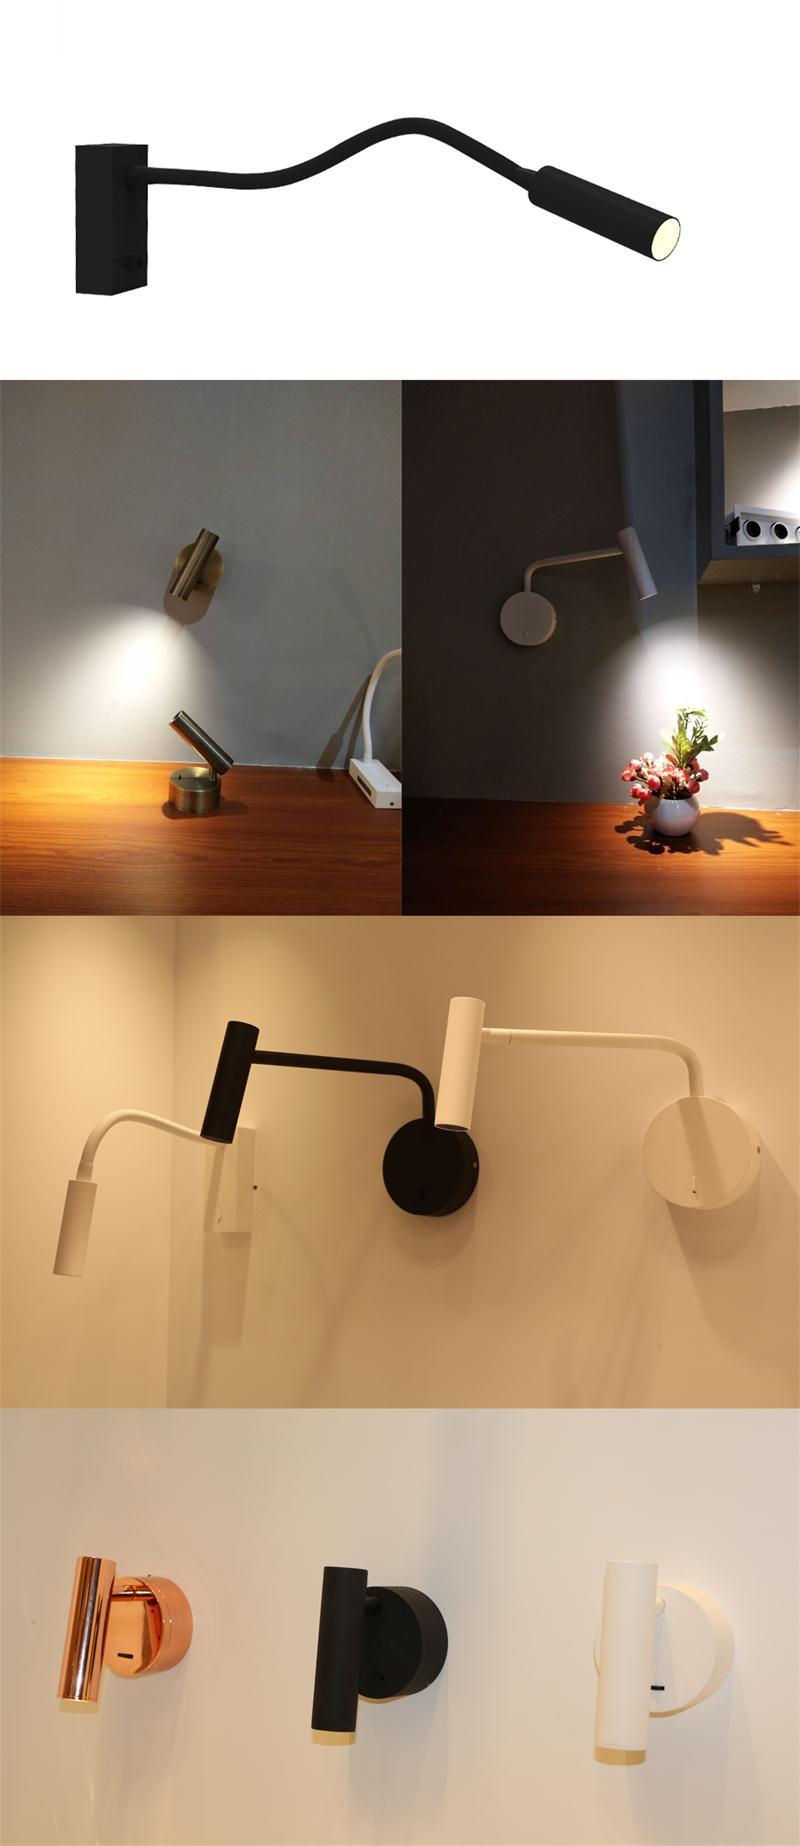 3W Bedroom Reading Lamp